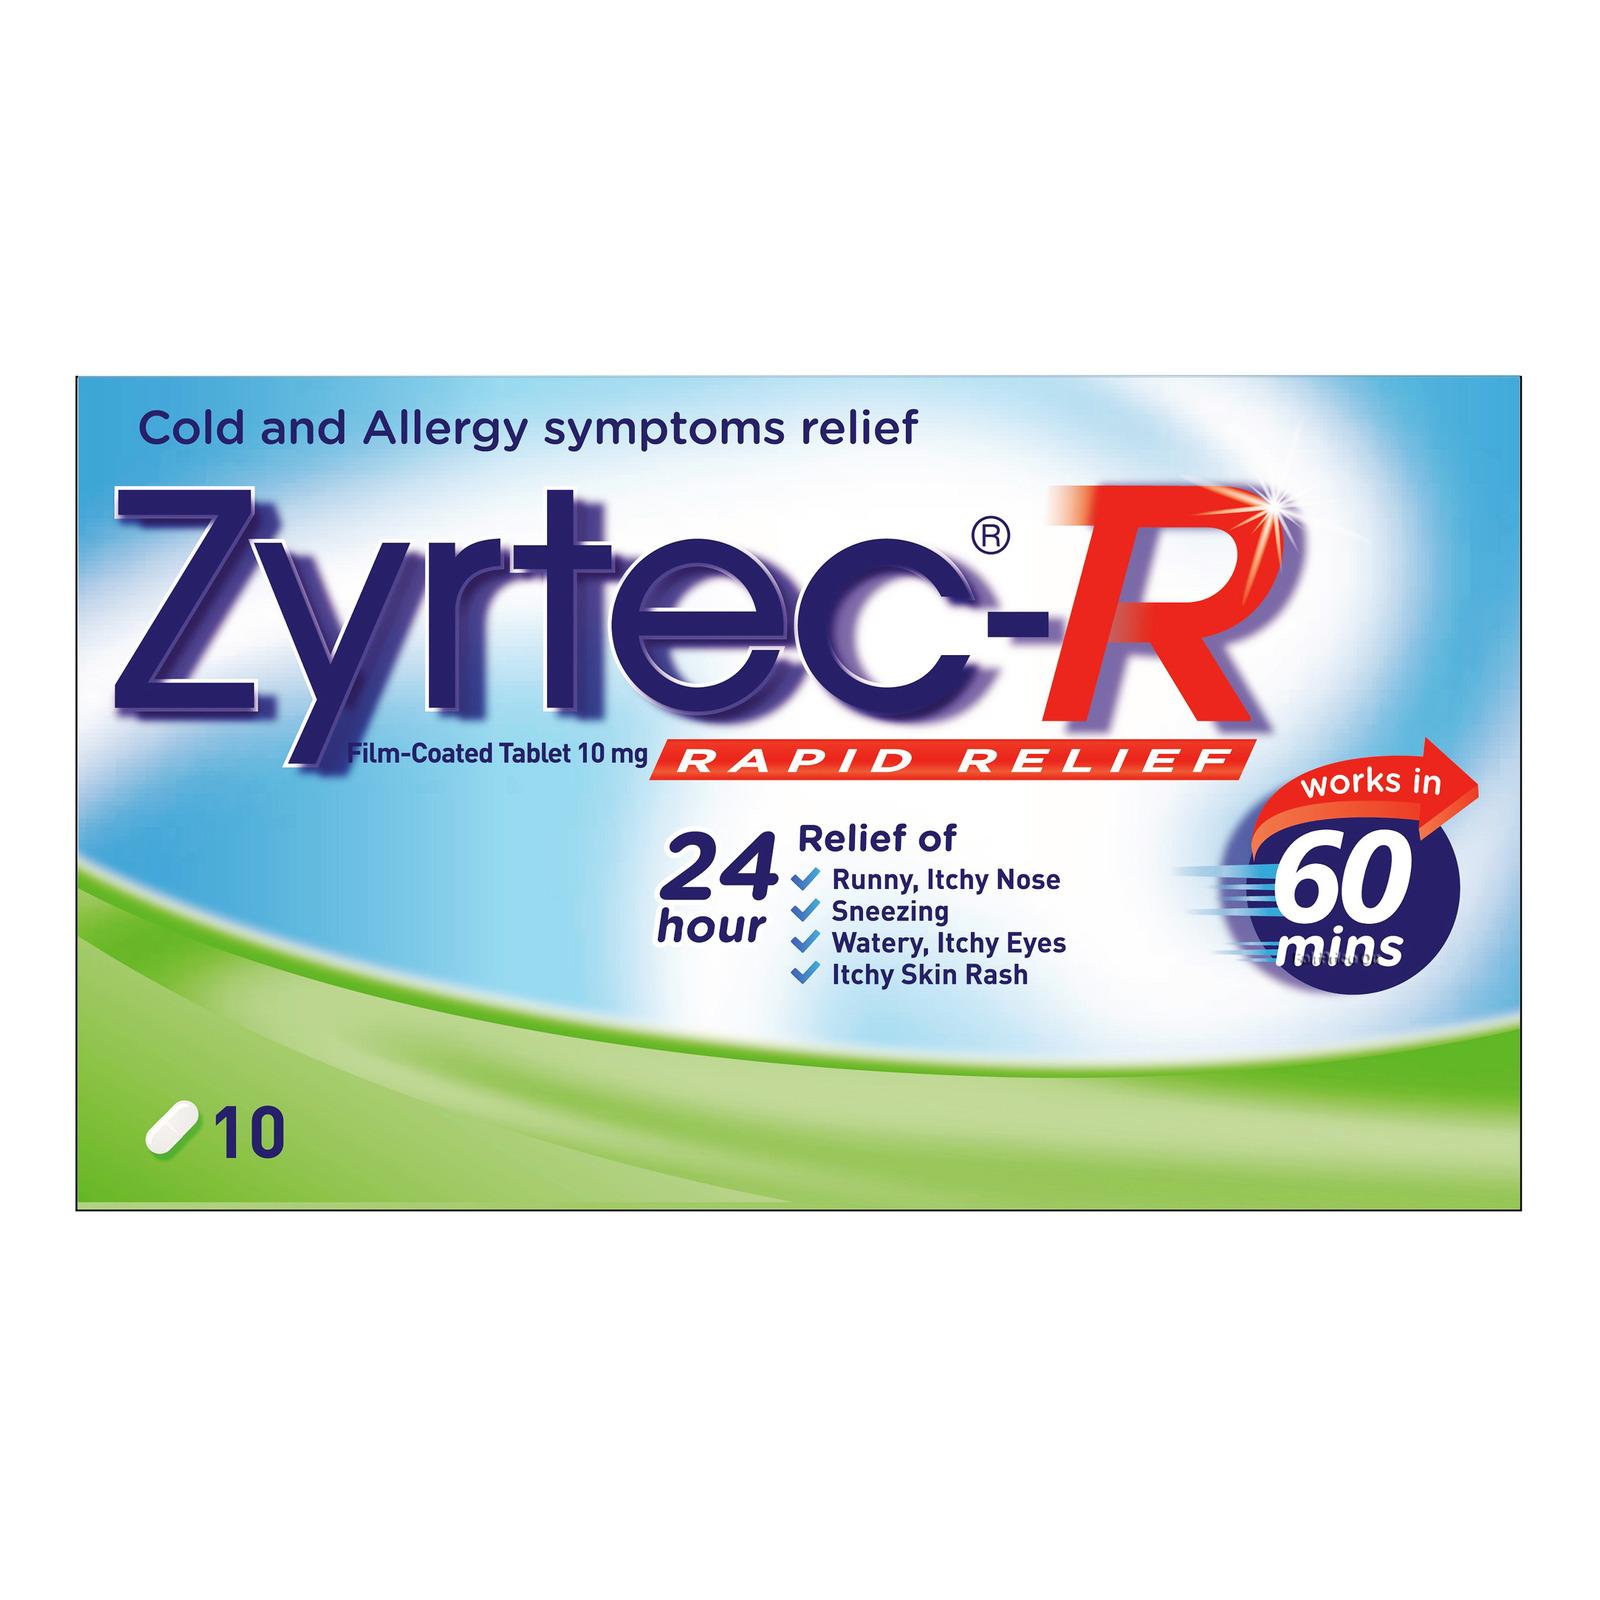 Zyrtec-R Rapid Relief Tablet